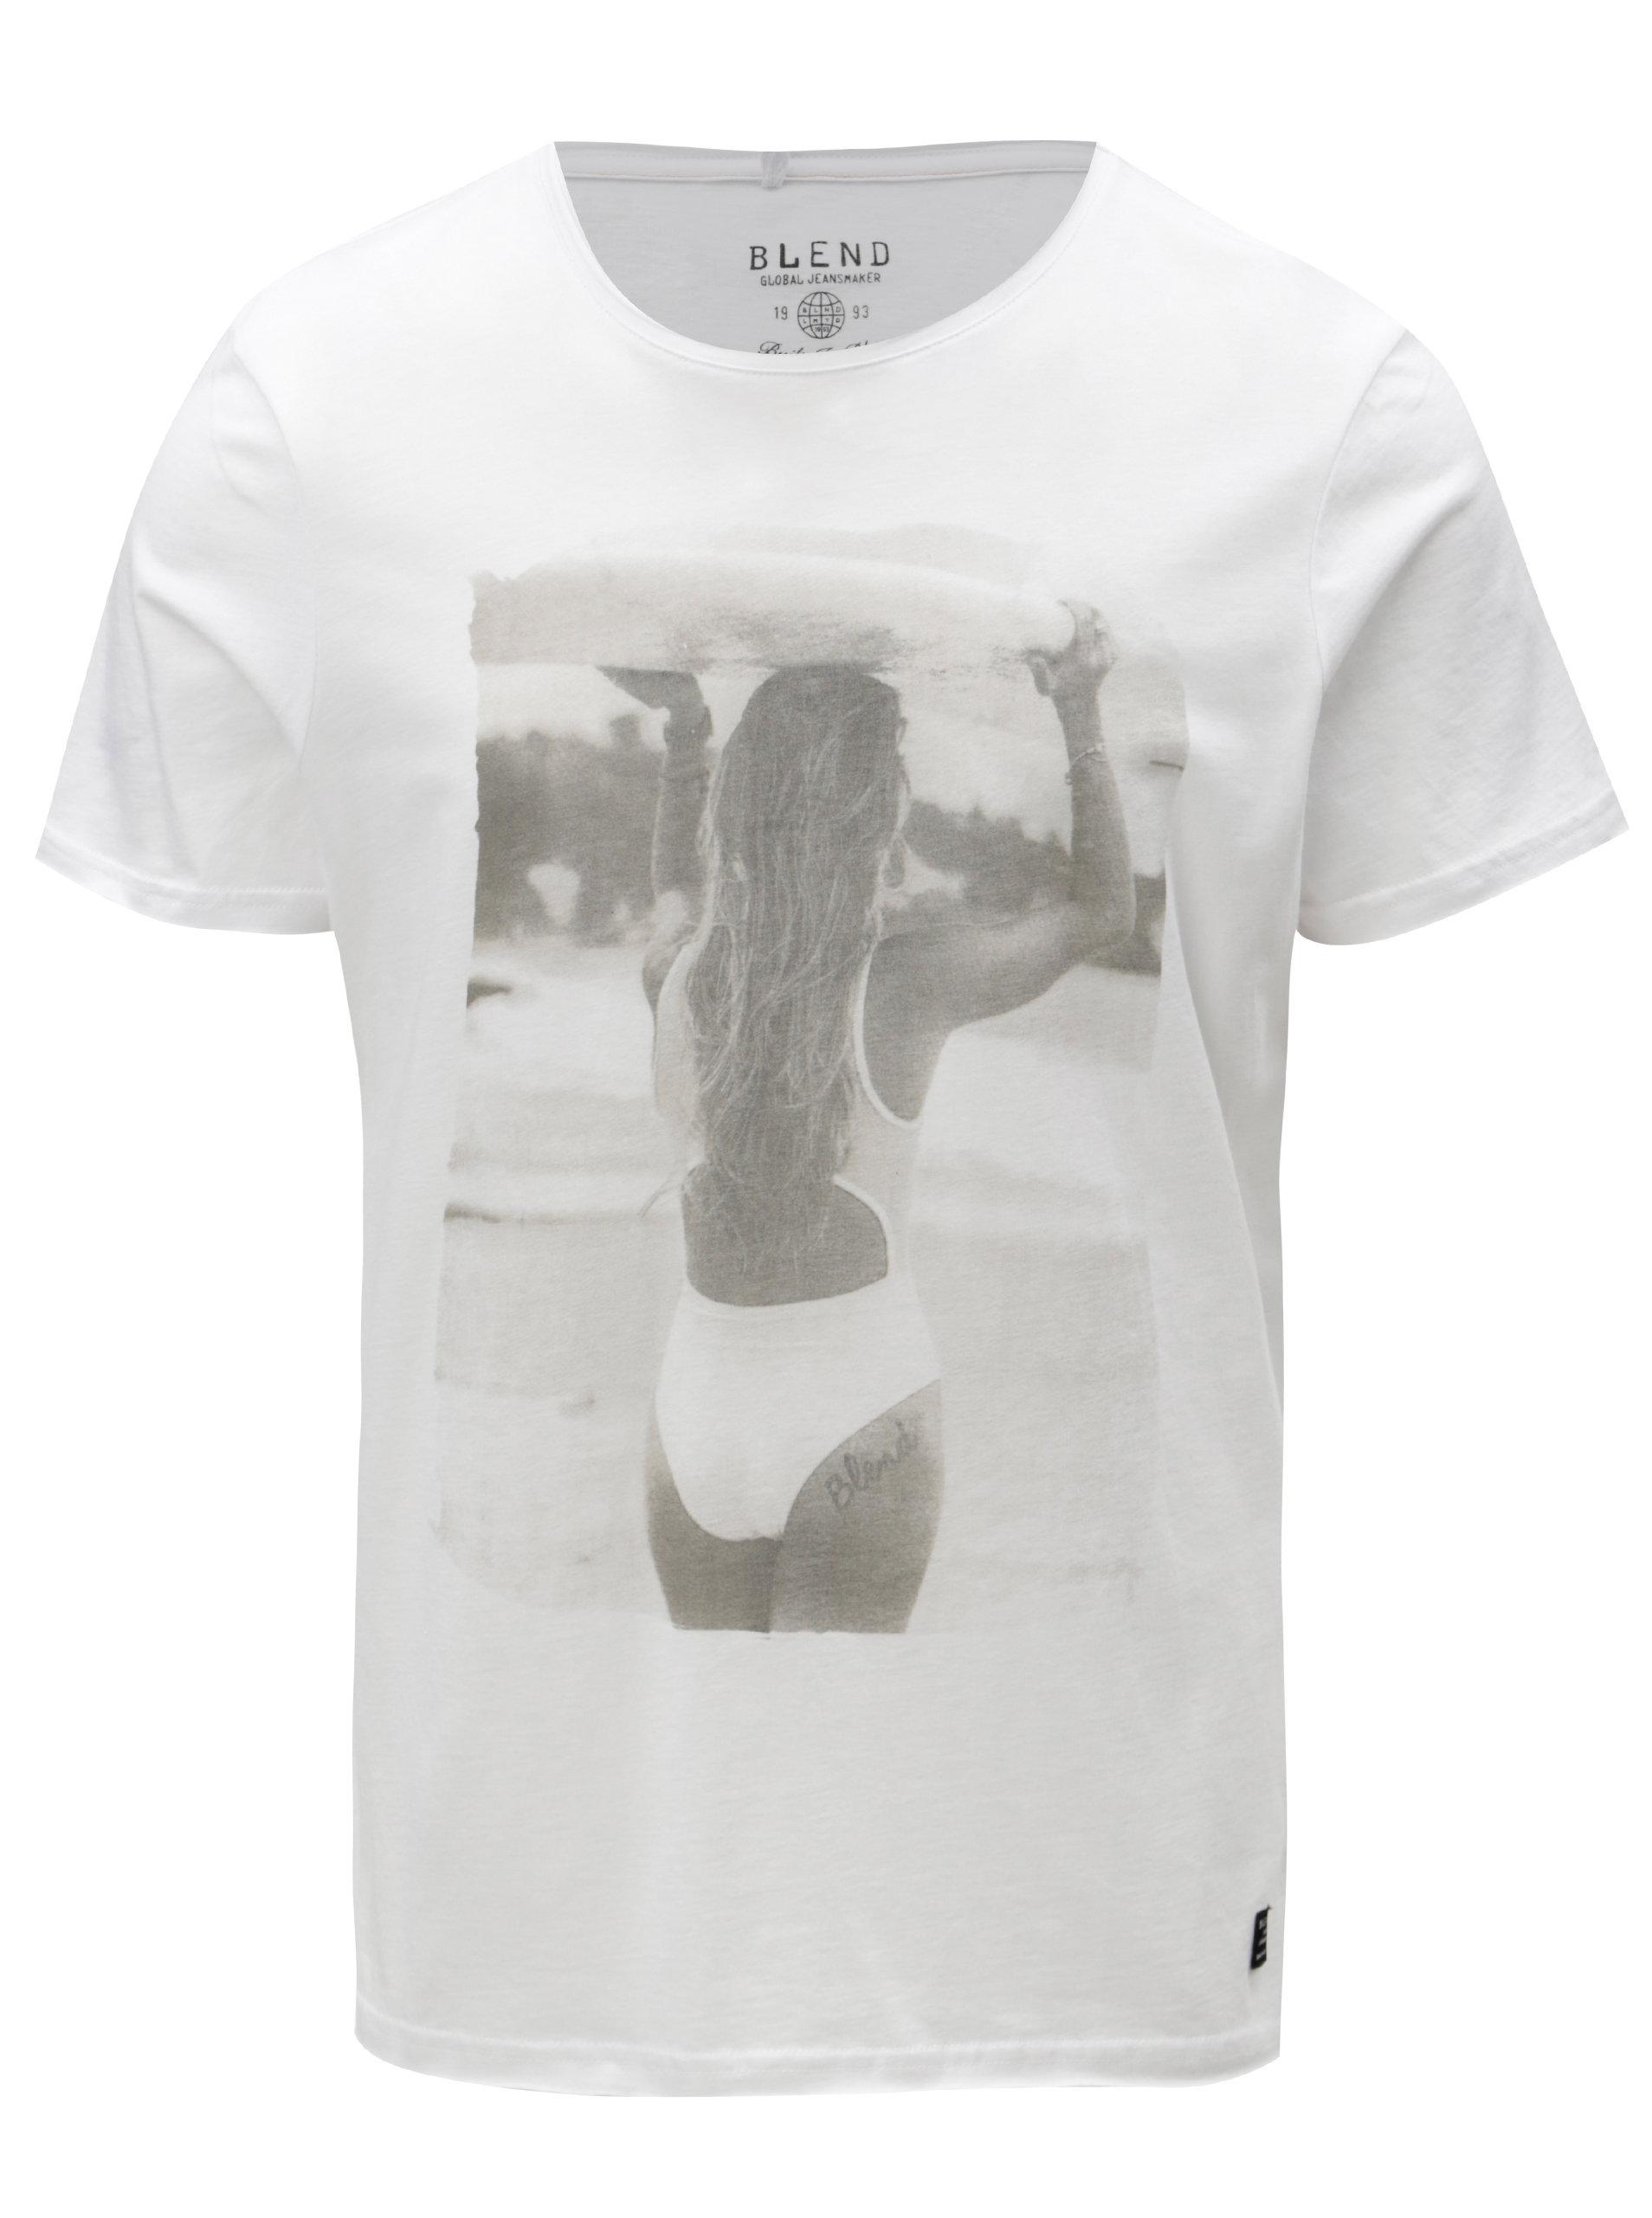 9811cf94a930 Bílé slim fit tričko s potiskem ženy Blend ...